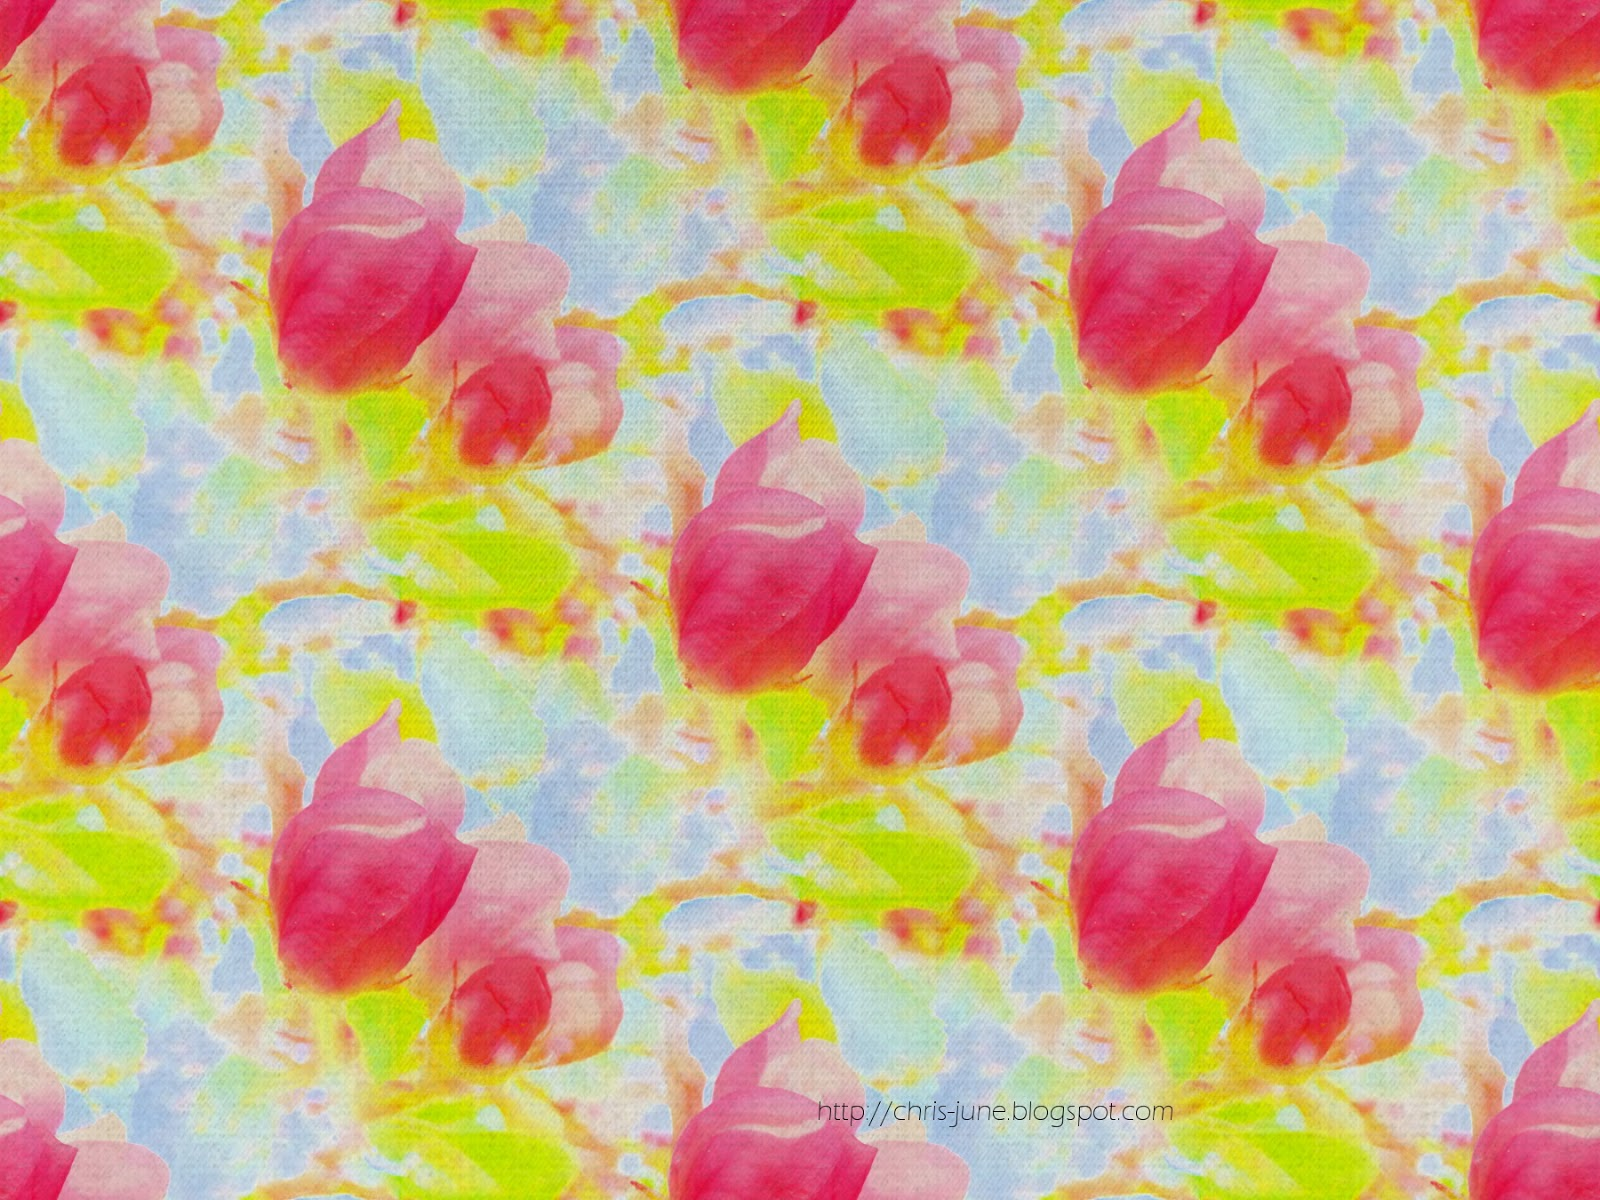 Apfelknospen-Muster